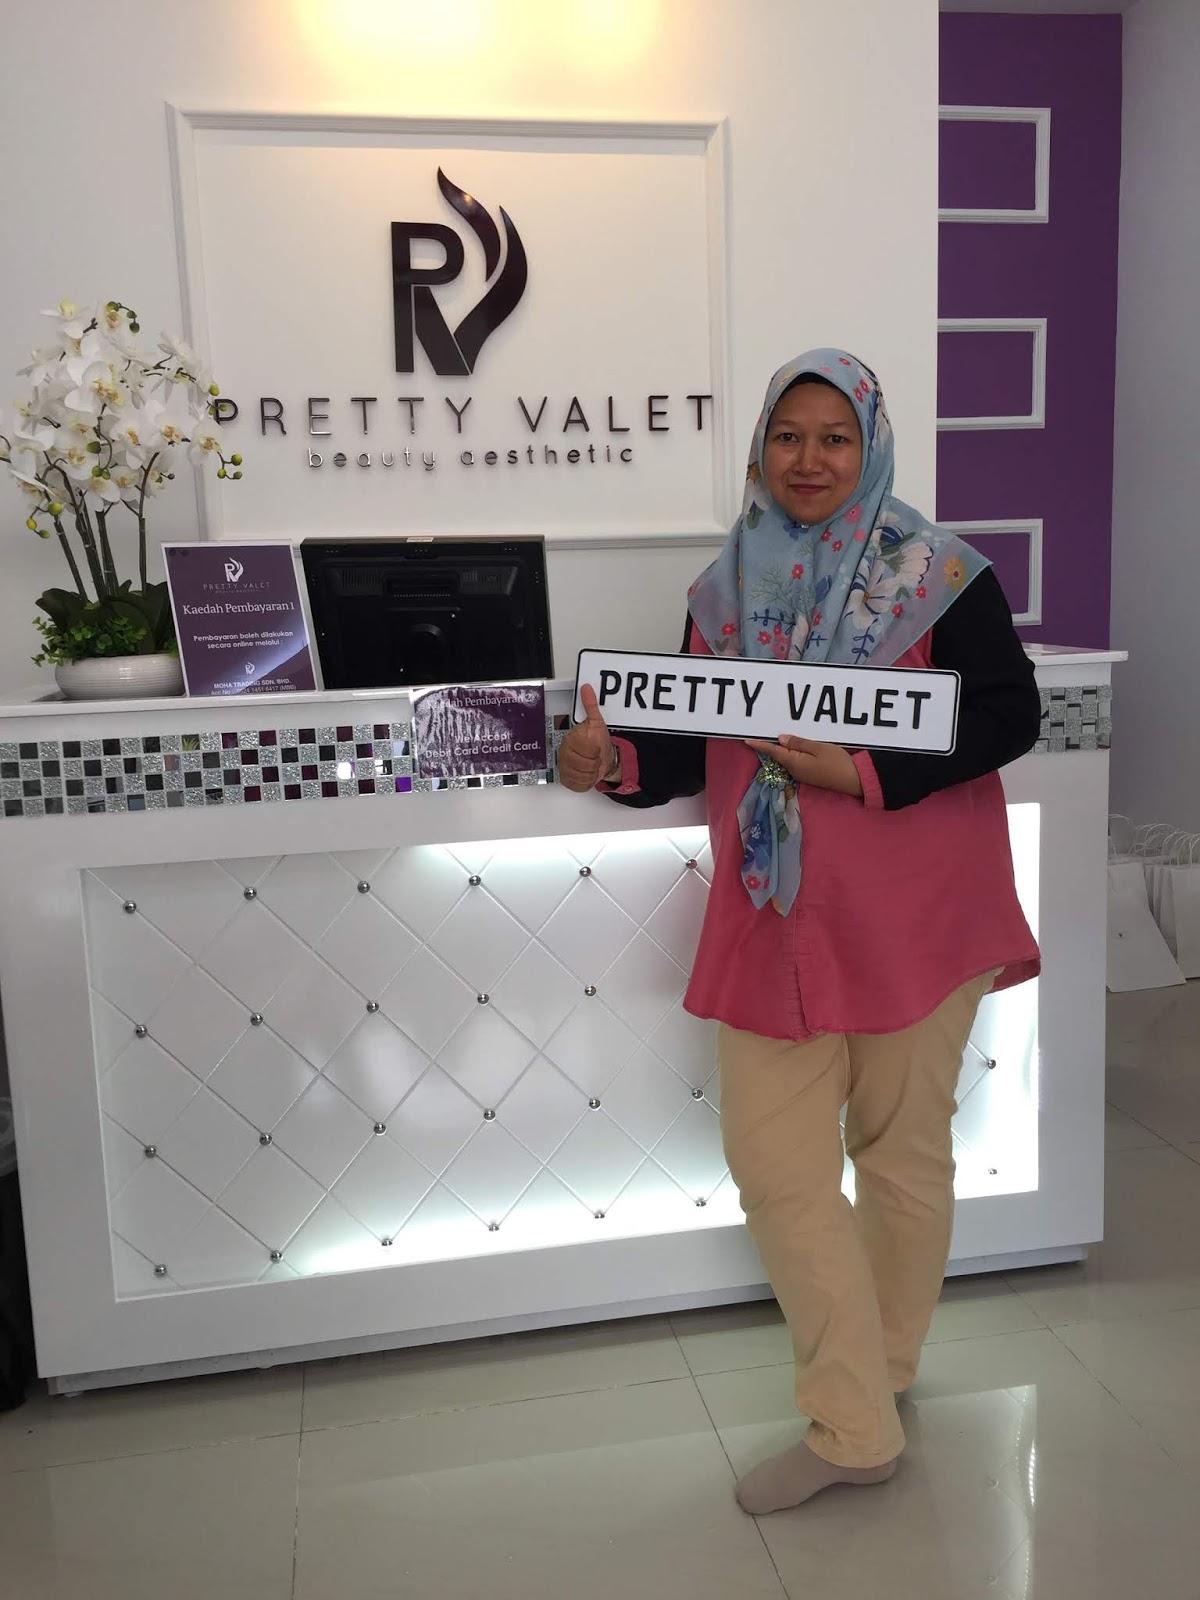 wanita dan kecantikan, wajah cantik, pusat kecantikan, istimewa untuk wanita